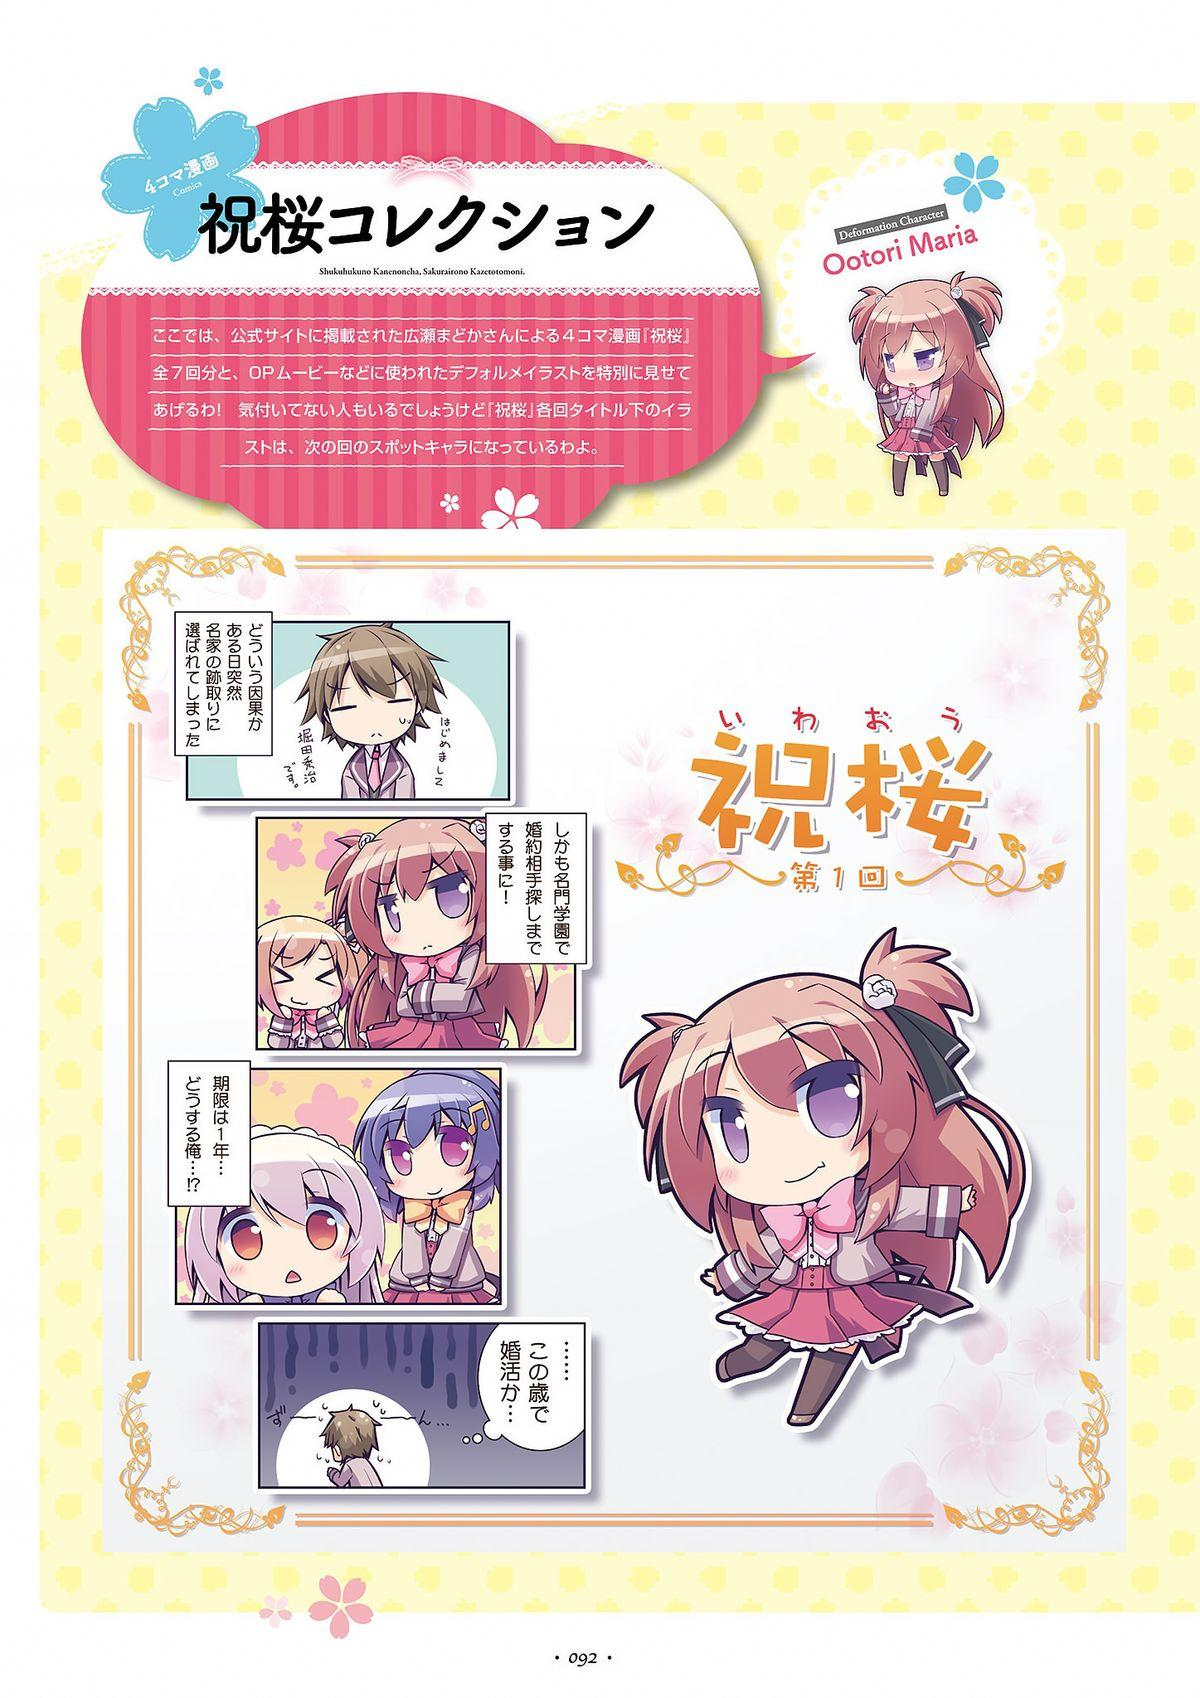 Shukufuku no Kane no Oto wa, Sakura-iro no Kaze to Tomo ni Visual Fanbook 93